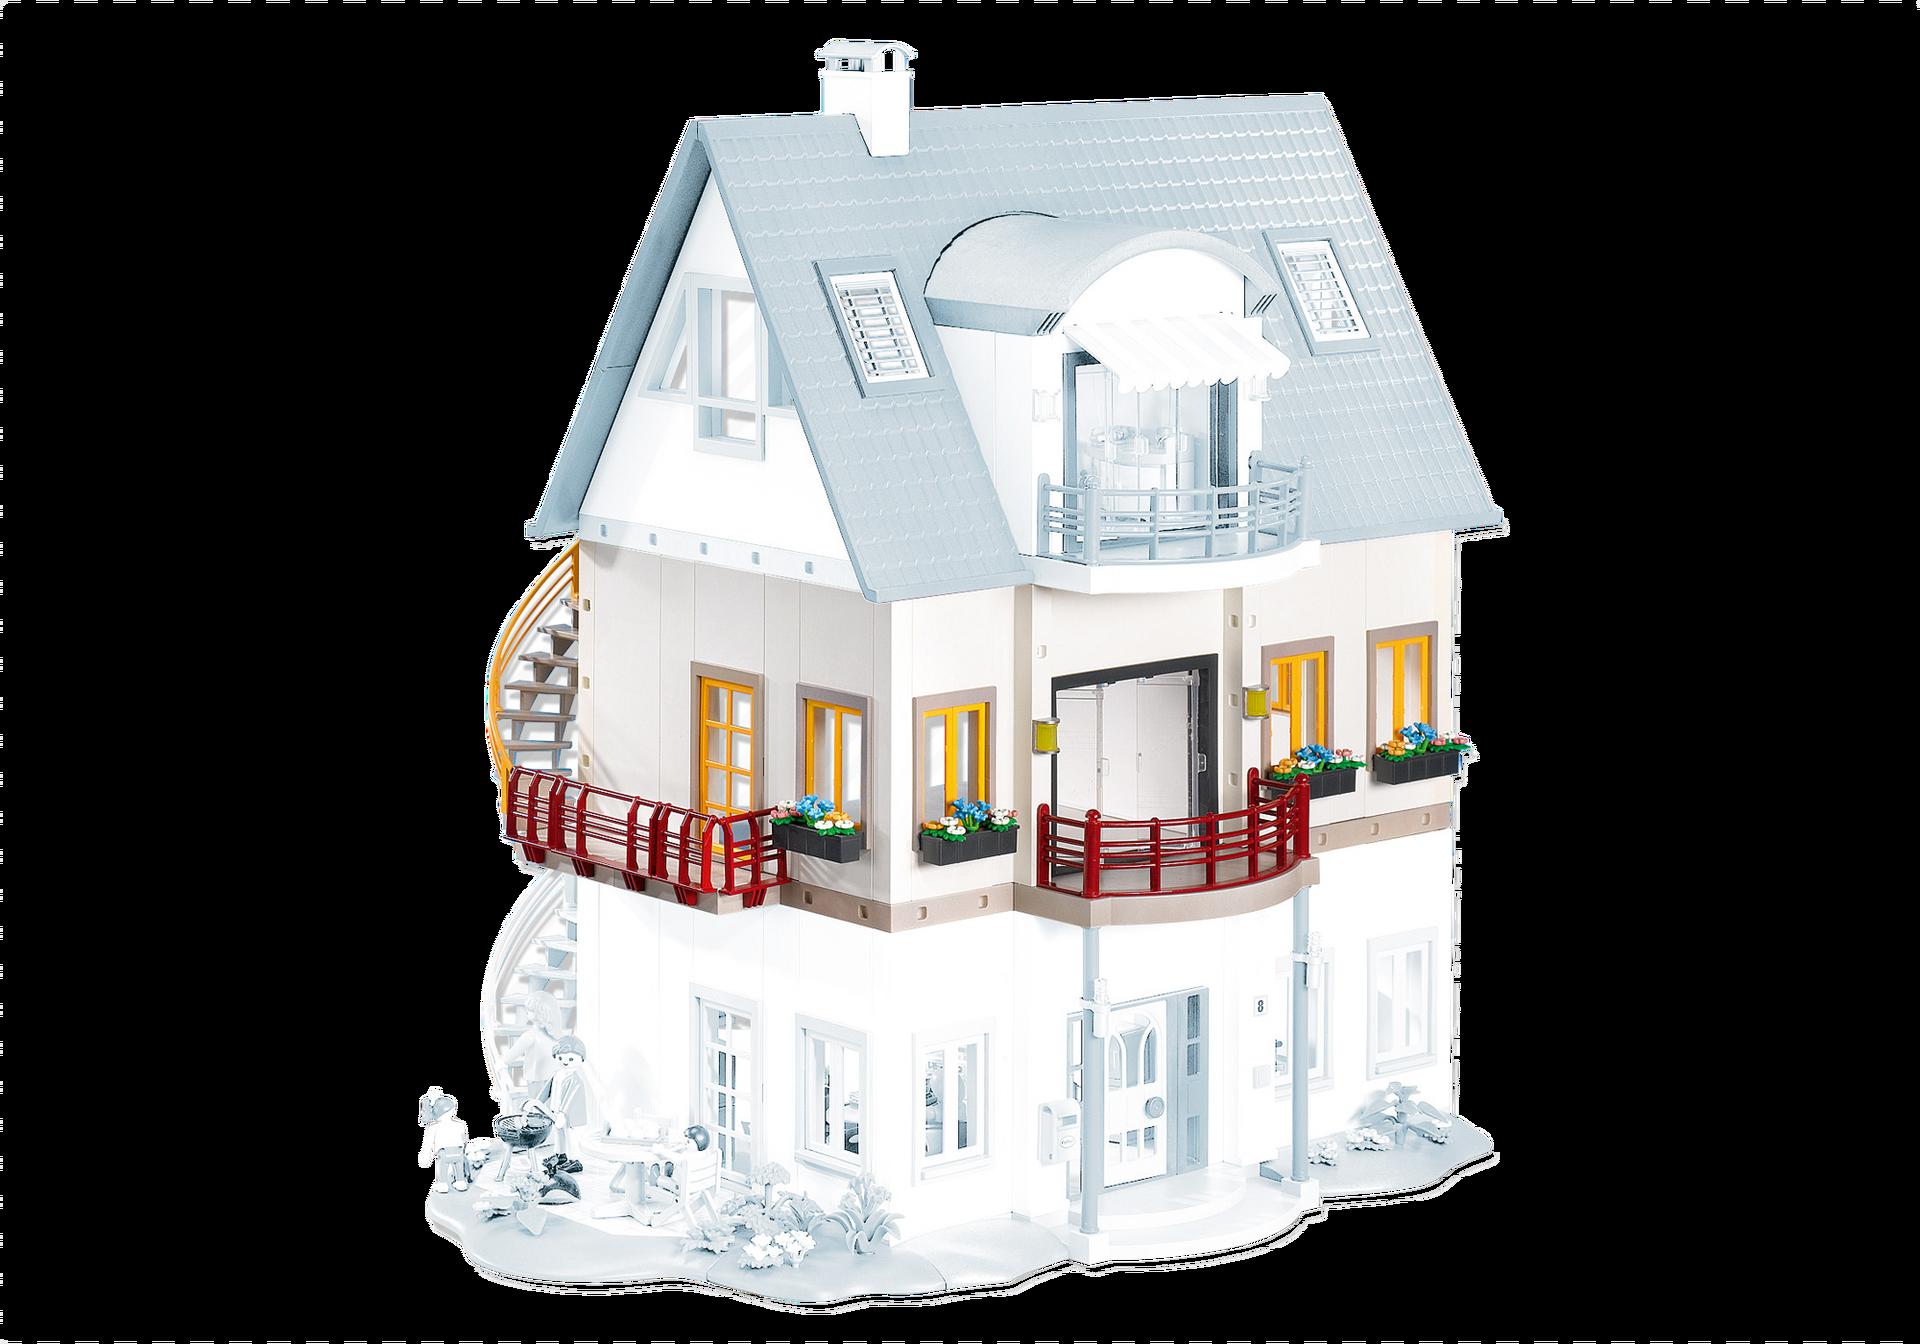 neues wohnhaus erweiterung a 7387 playmobil deutschland